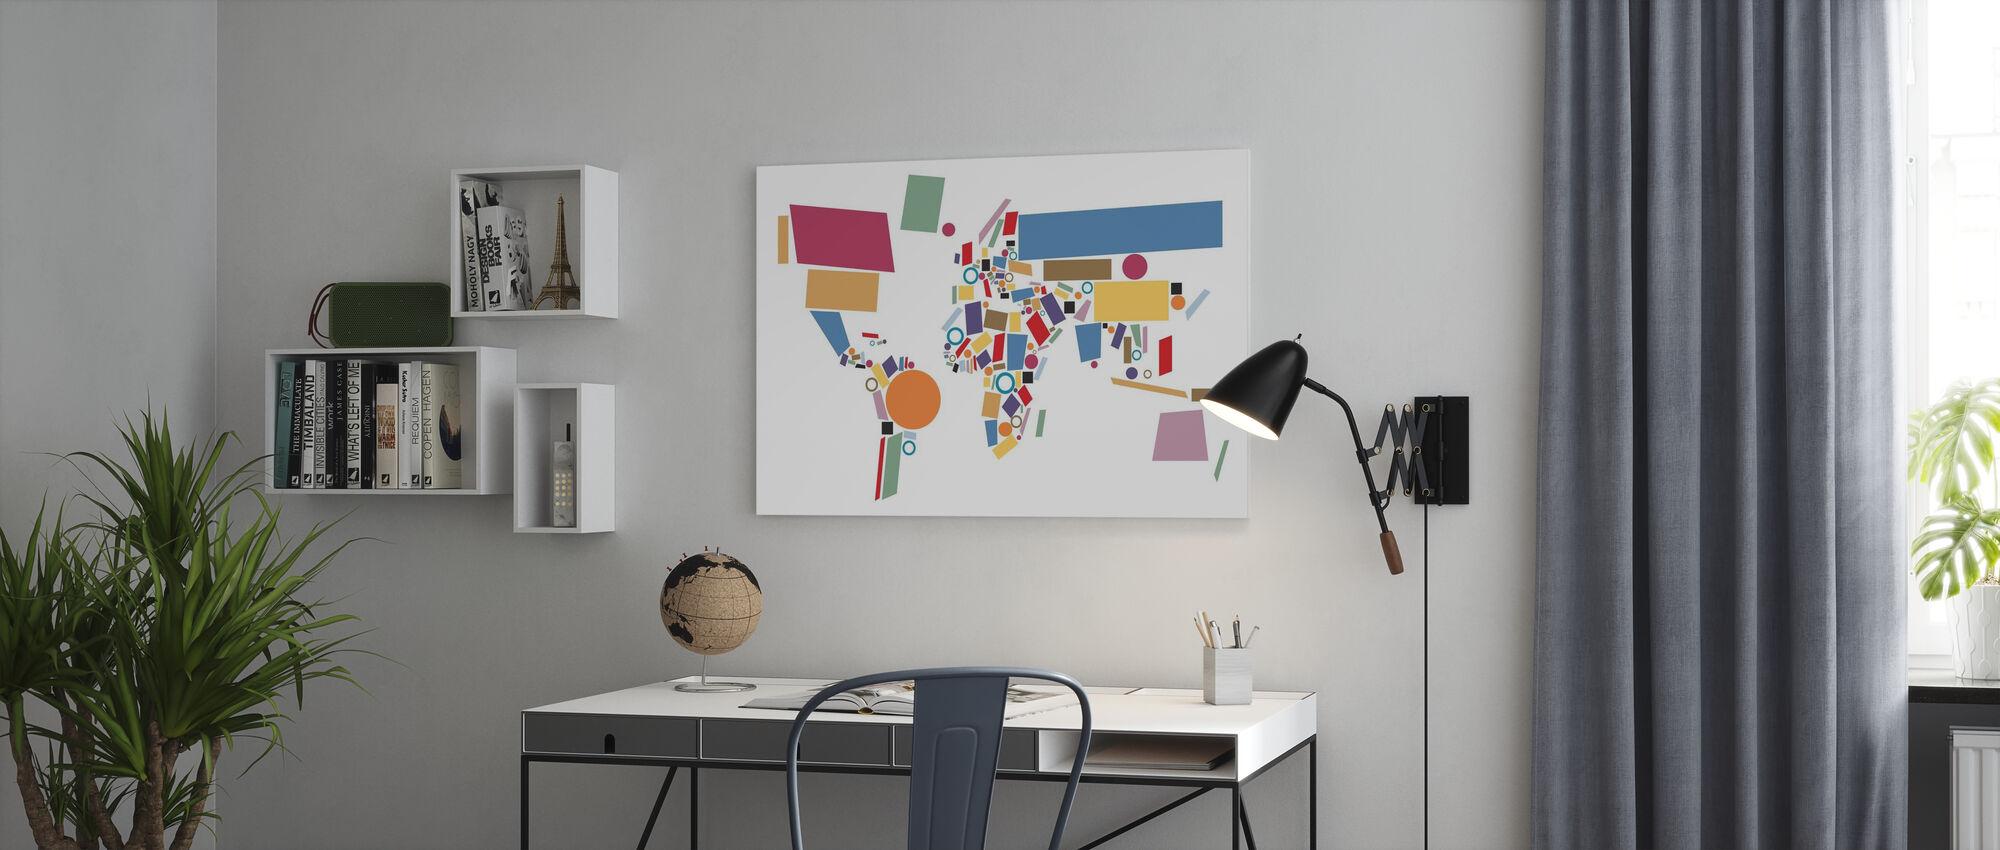 Abstracte Wereld Kaart Vierkanten - Canvas print - Kantoor